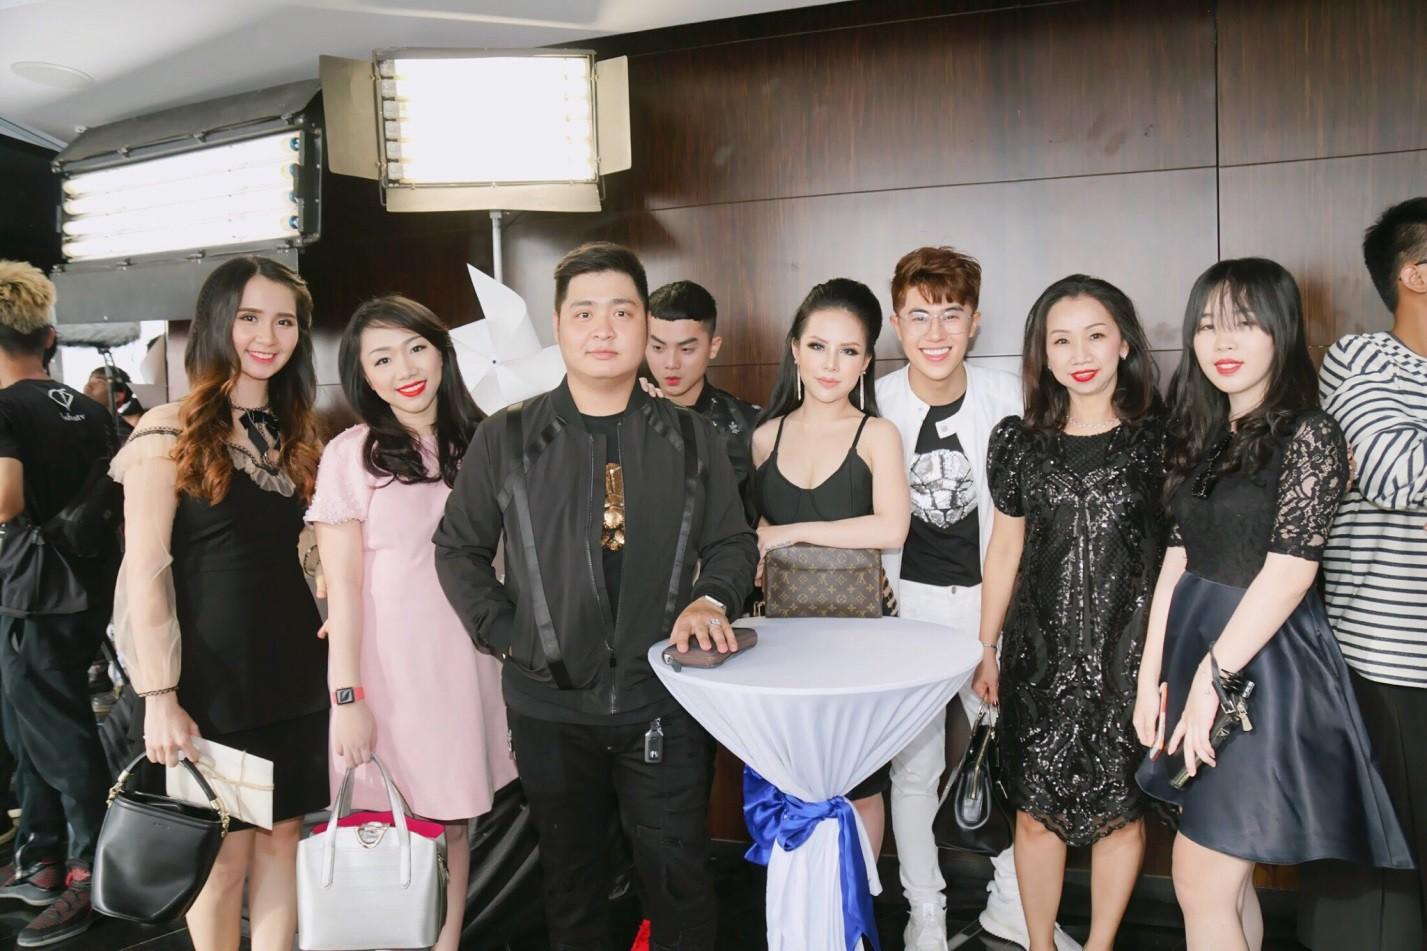 Giám Đốc Oshirma Cao Thiên Nhi đẹp cuốn hút trong sự kiện Fashion Show - Ảnh 3.